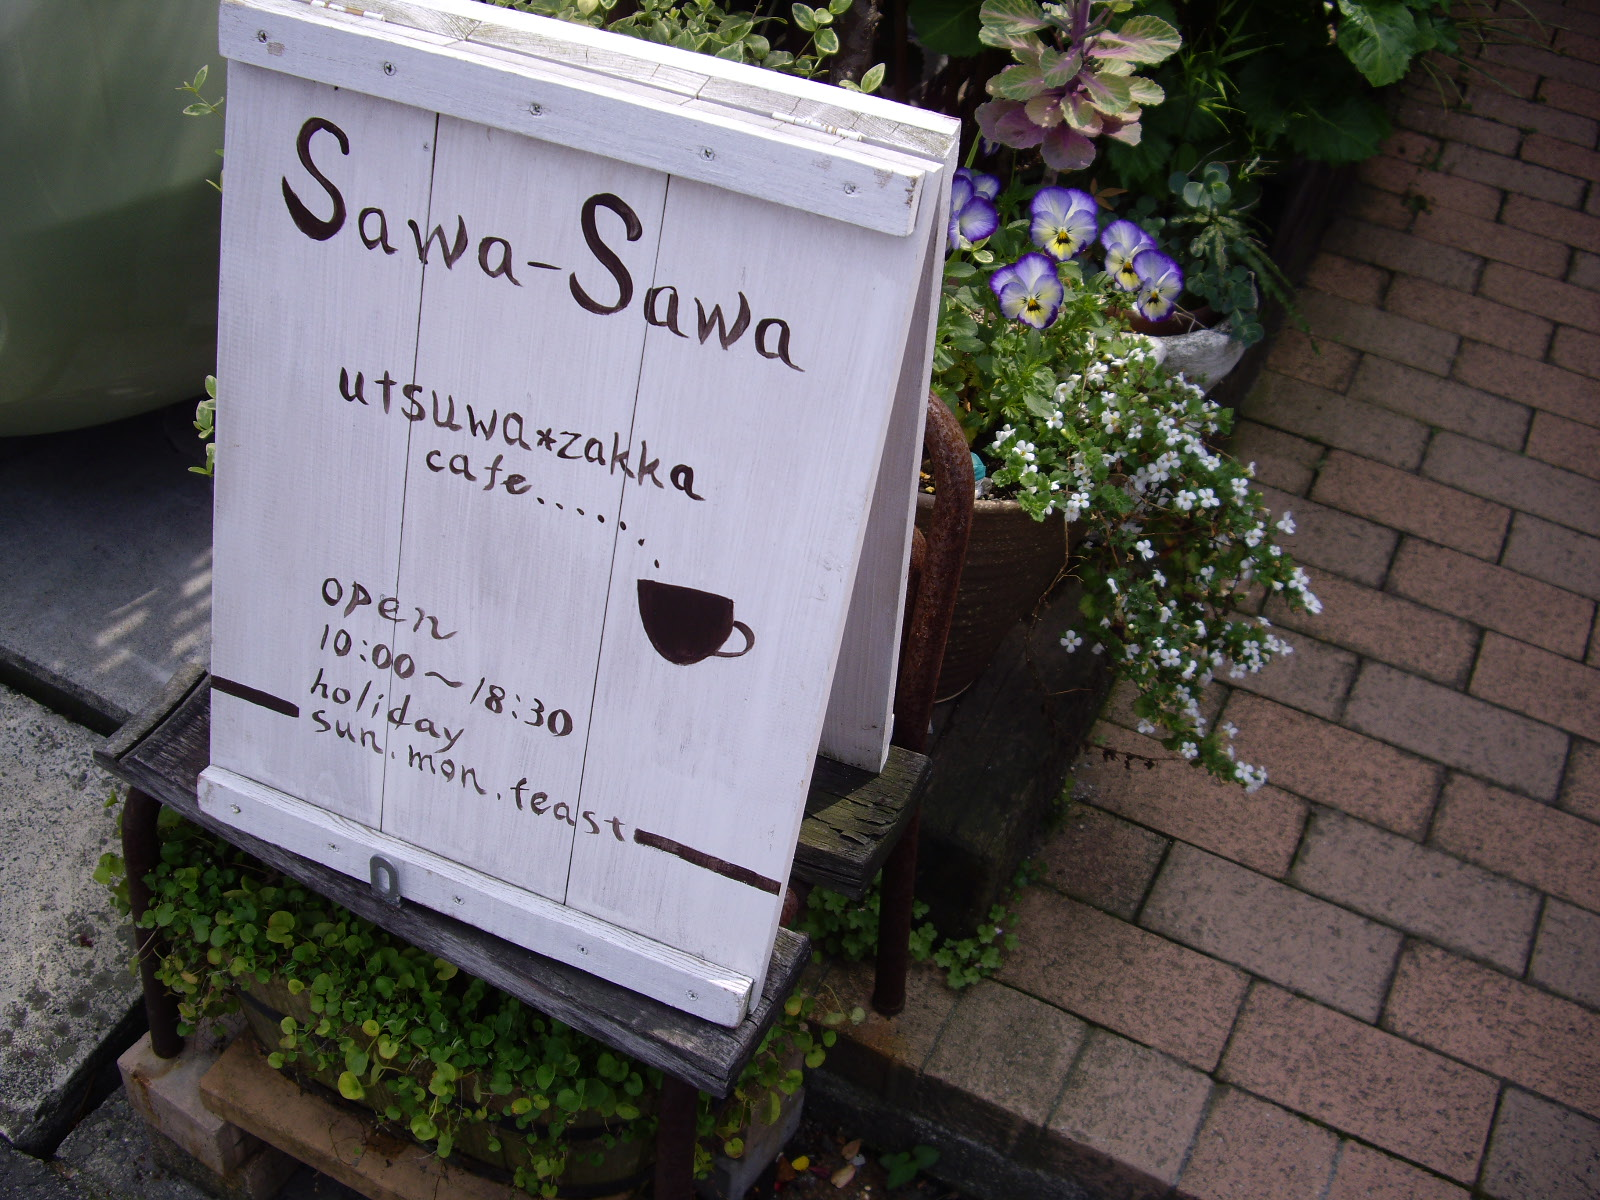 sawa-sawa